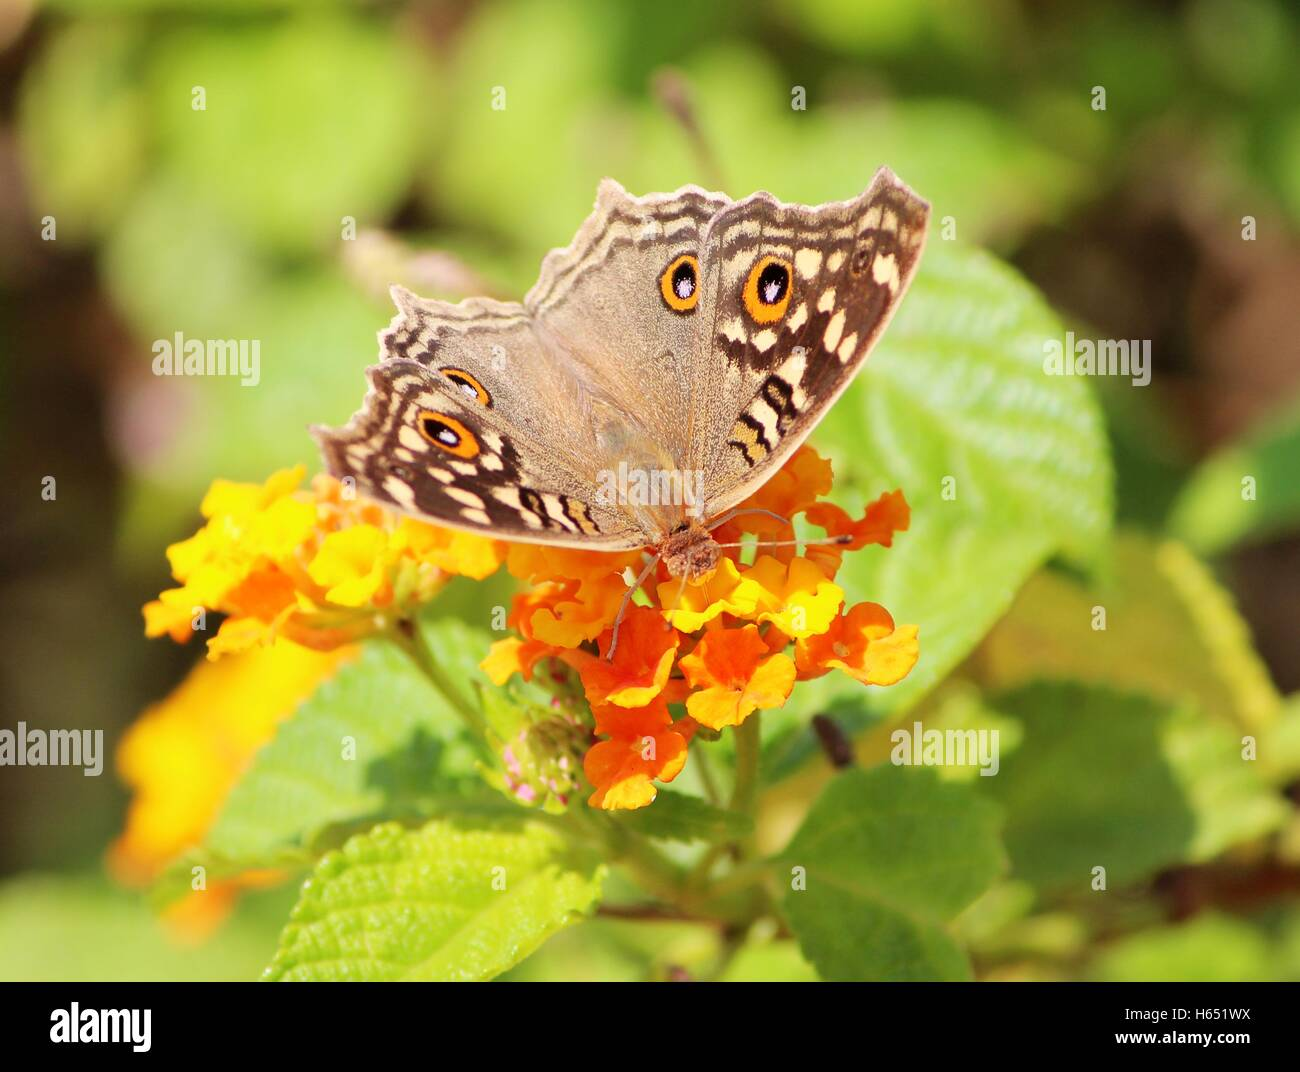 Close up Junonia lemonias - Limone pansy succhiare miele dal fiore - Farfalle del subcontinente indiano Immagini Stock